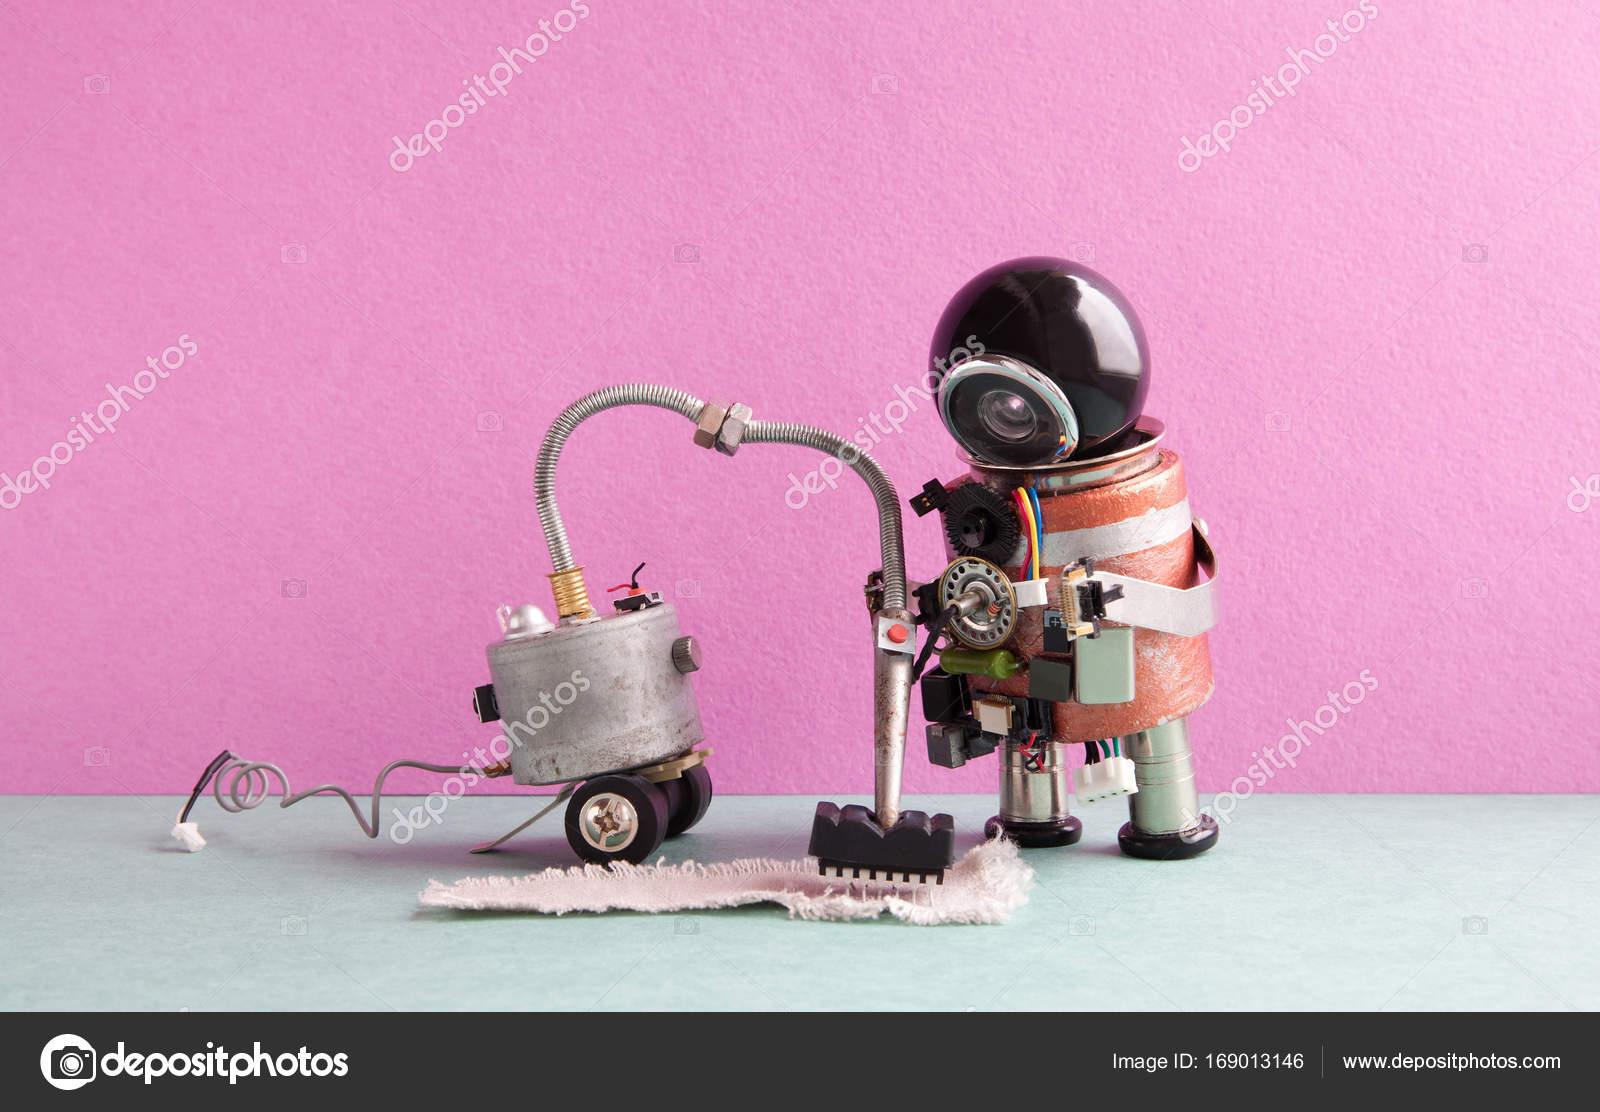 futuristische roboter staubsauger maschine cyborg roboter spielzeug reinigung teppich grau. Black Bedroom Furniture Sets. Home Design Ideas